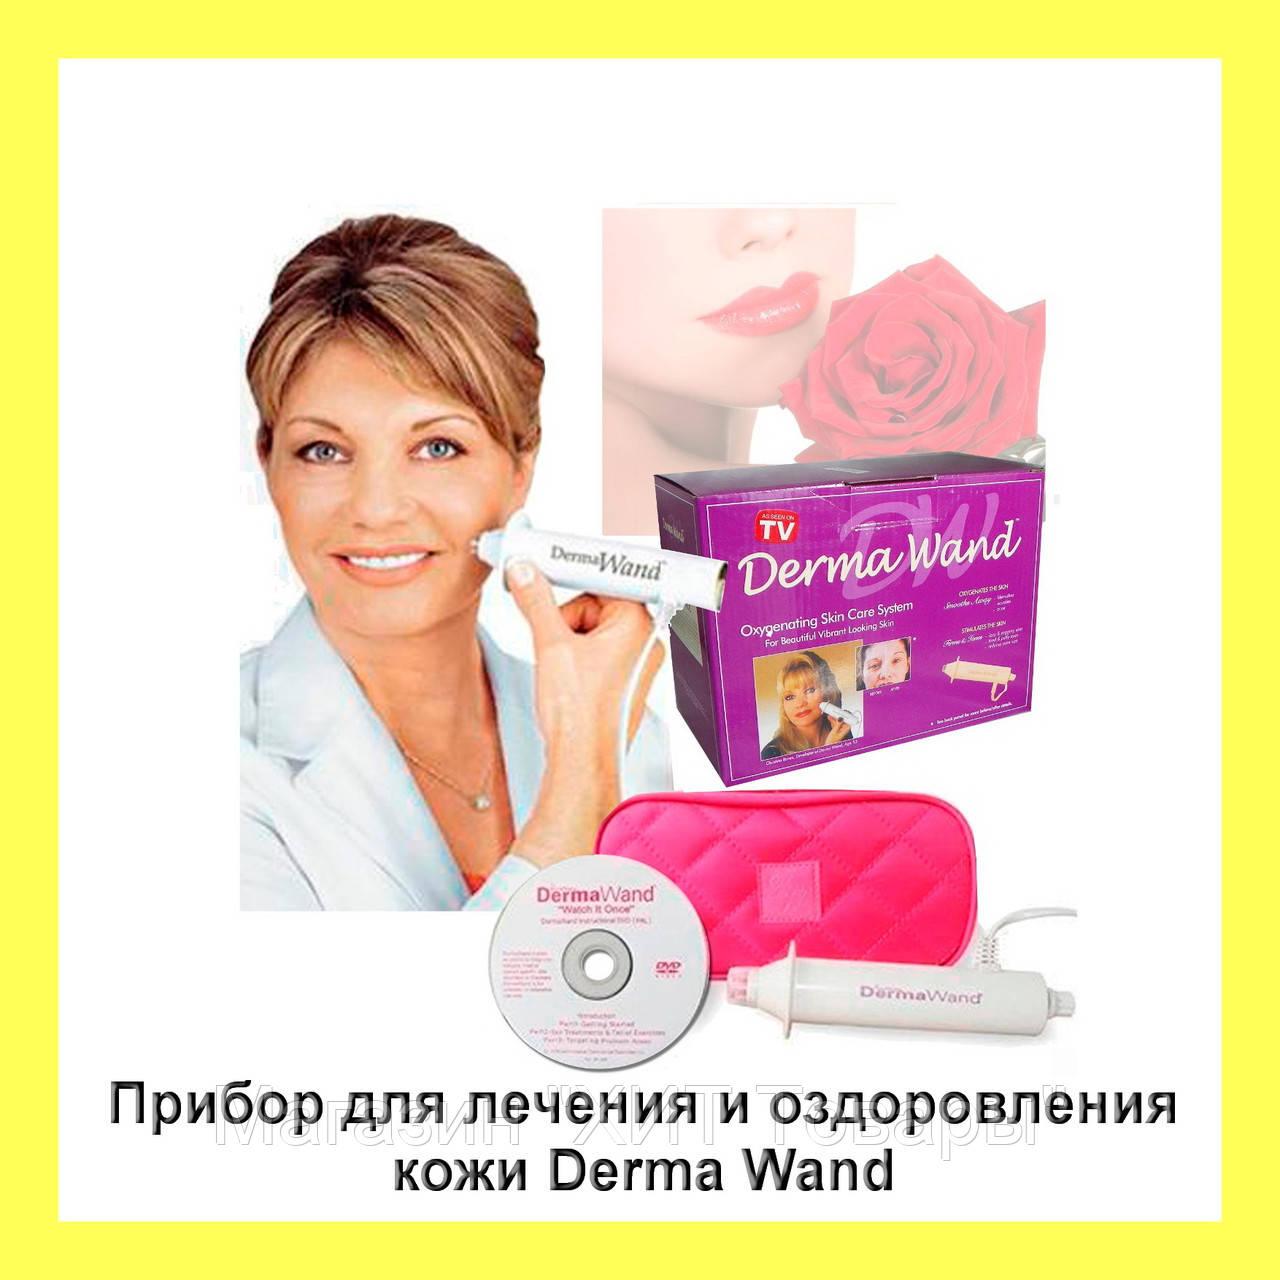 """Прибор для лечения и оздоровления кожи Derma Wand - Магазин """"ХИТ Товары"""" в Одессе"""